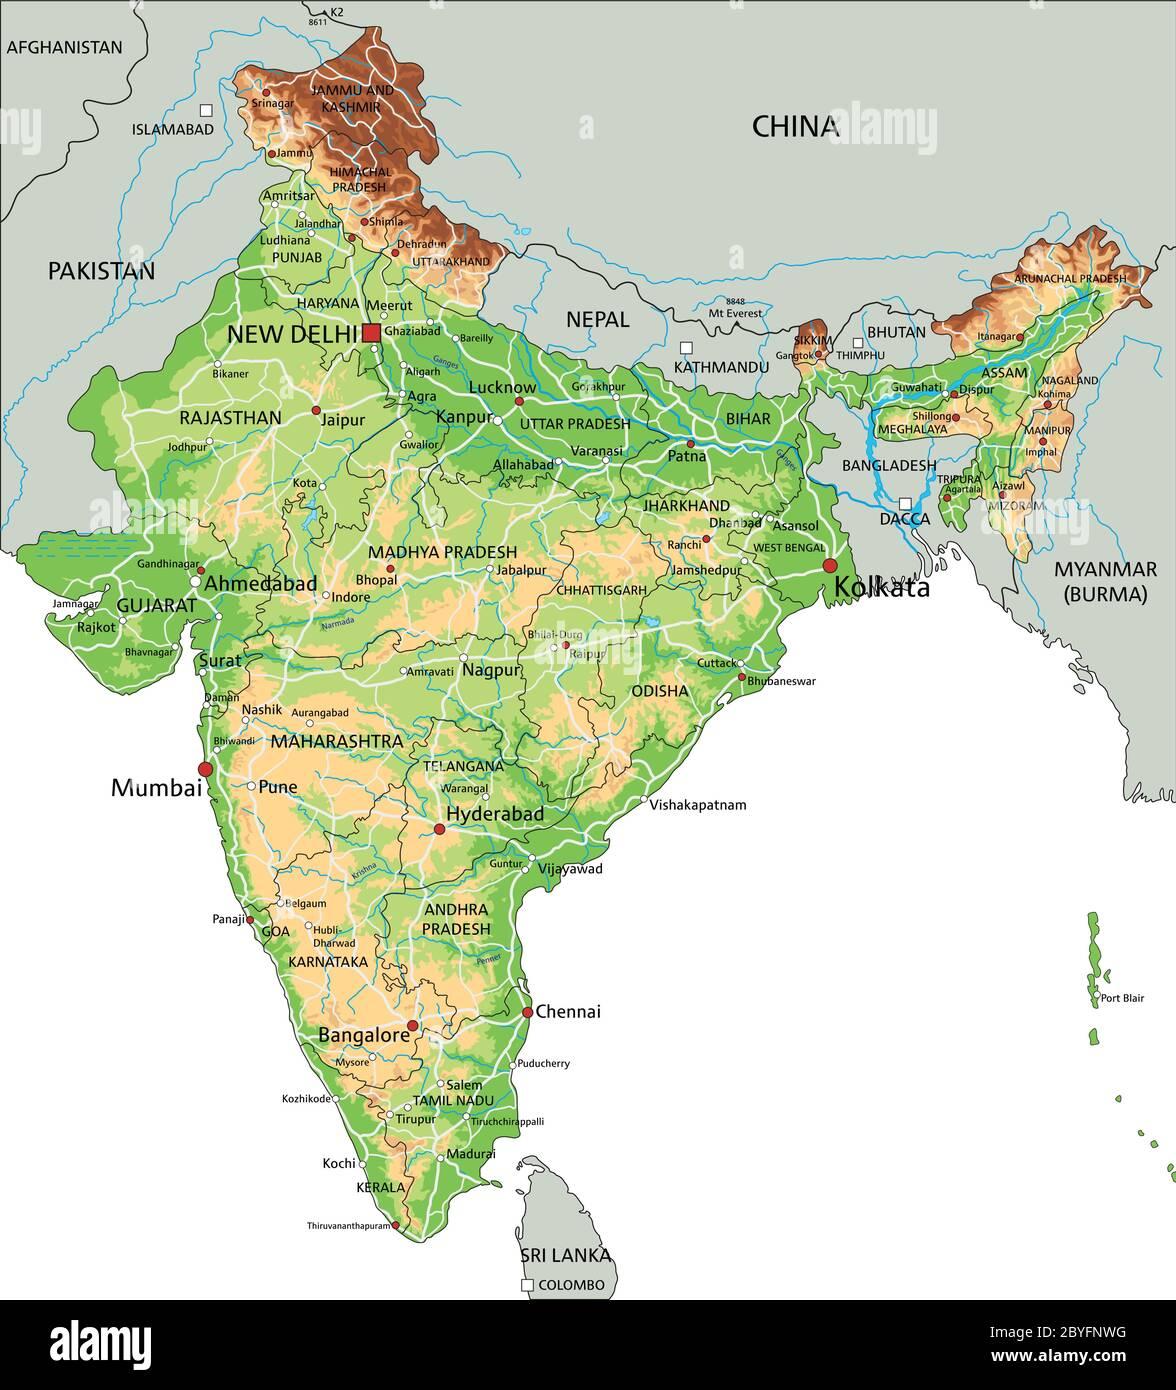 Cartina India.High Detailed India Physical Map Stock Vector Image Art Alamy